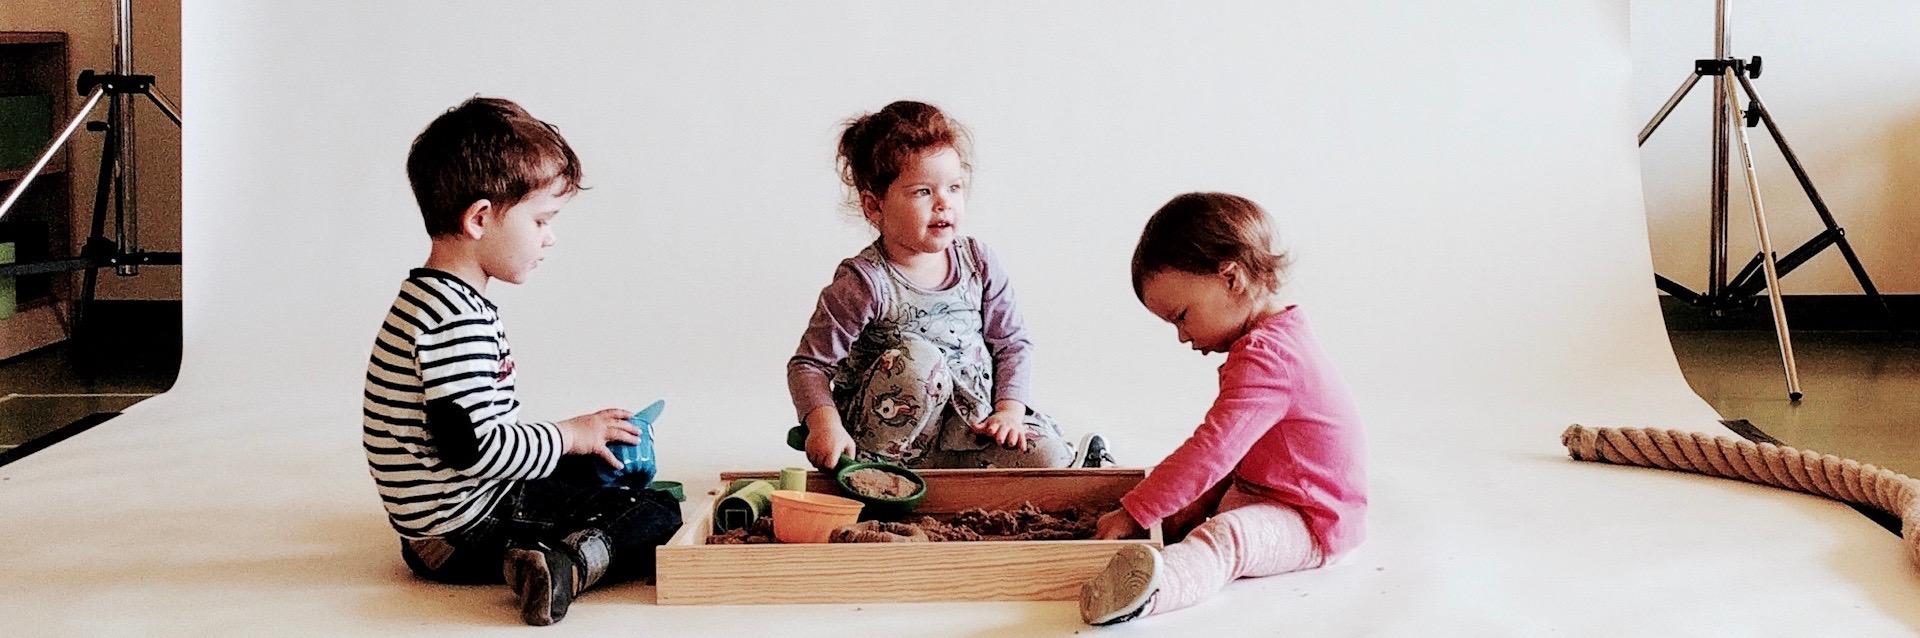 Kein Ponyhof: (Durch)drehen mit Kindern